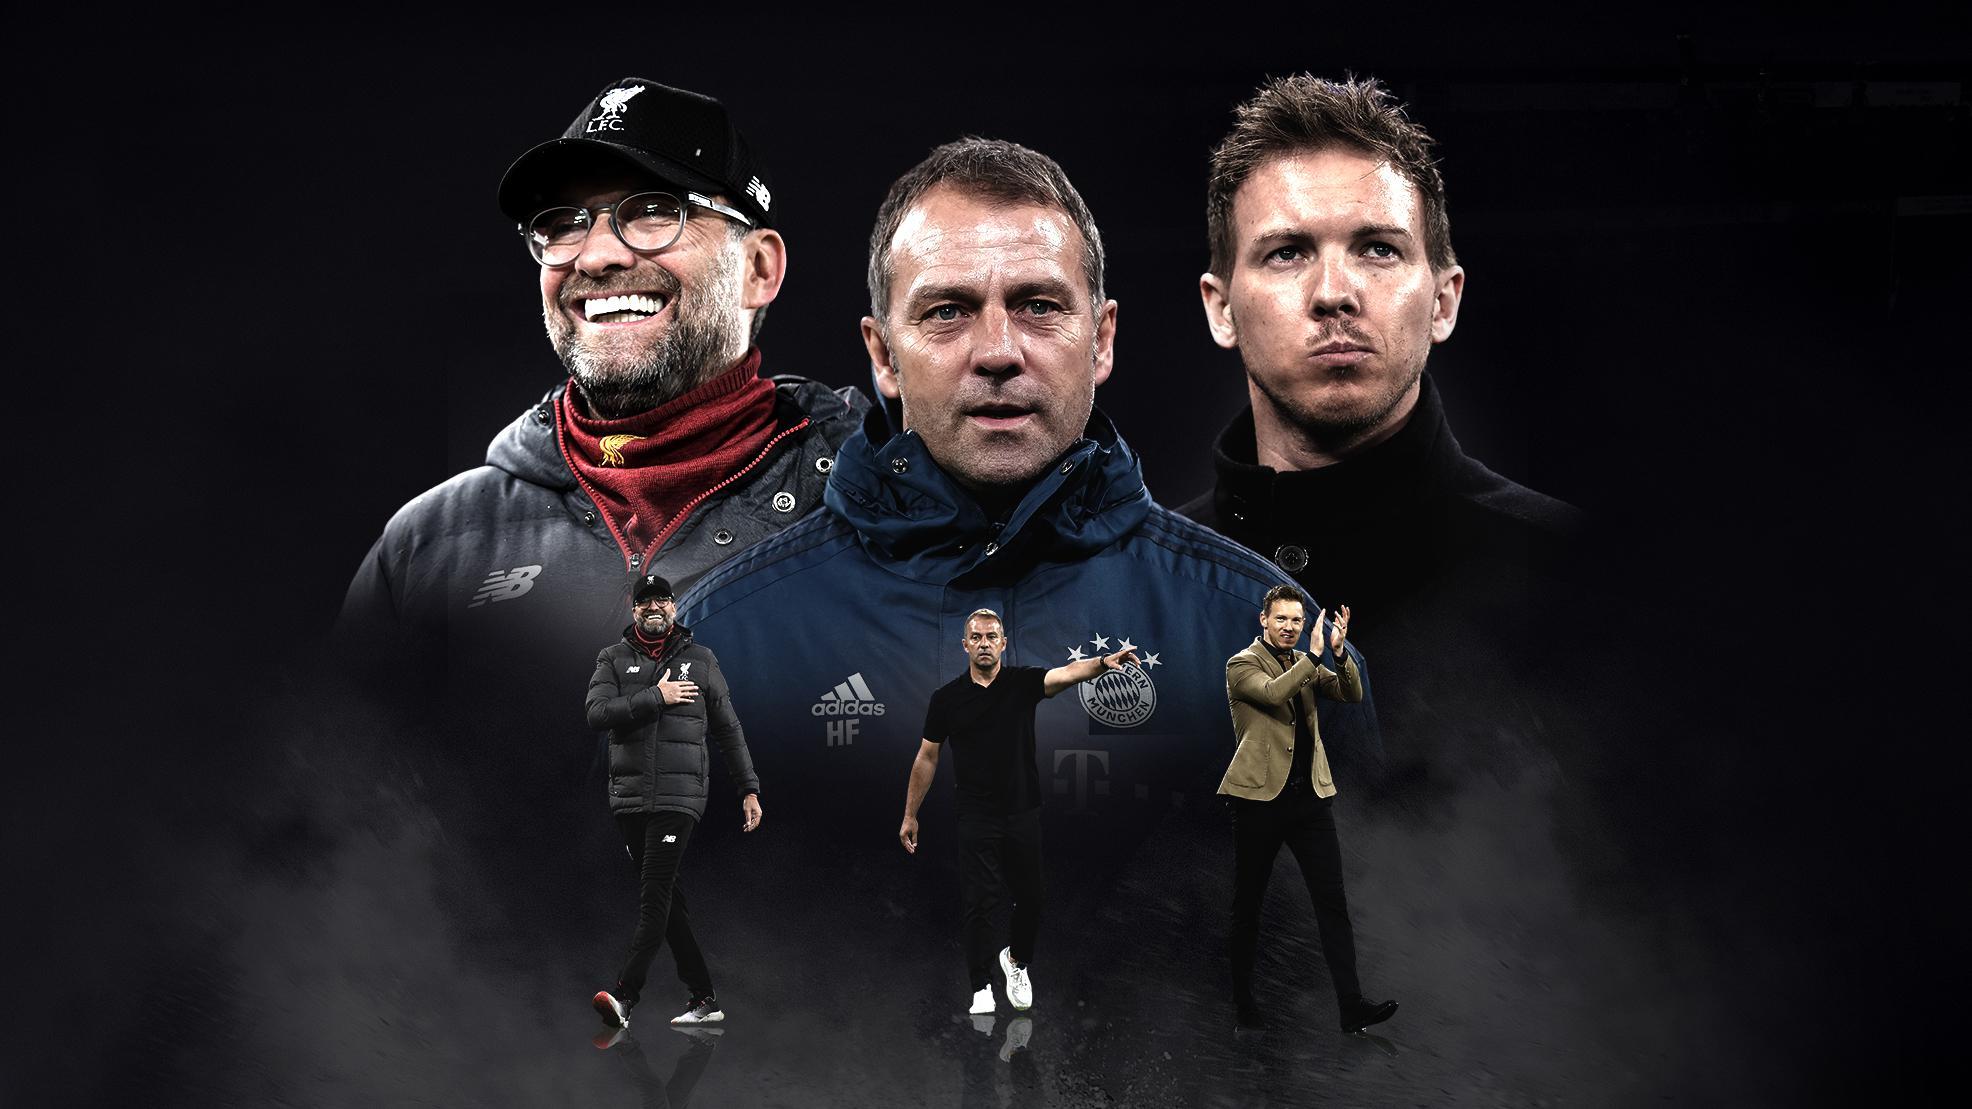 Entraîneur d'équipe masculine de l'année UEFA, Flick, Klopp et Nagelsmann nommés